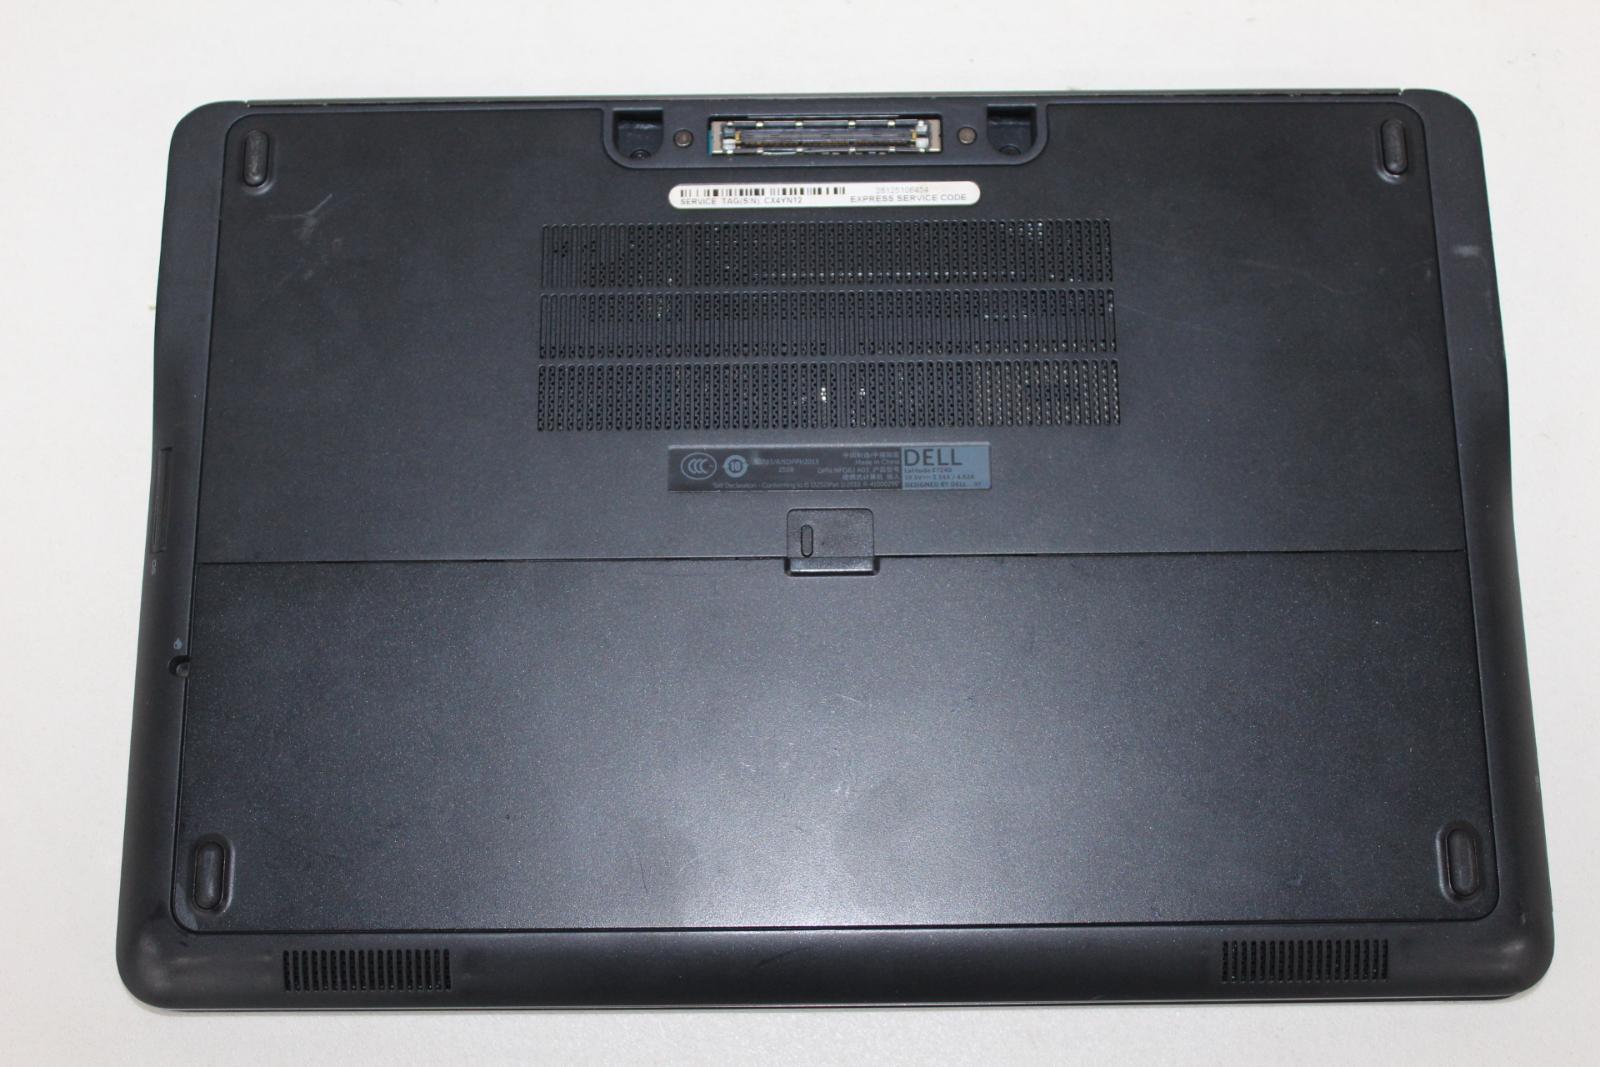 DELL-Latitude-E7240-Argent-IntelCore-i7-vPro-12-034-sans-disque-dur-RAM-ordinateur-portable miniature 8